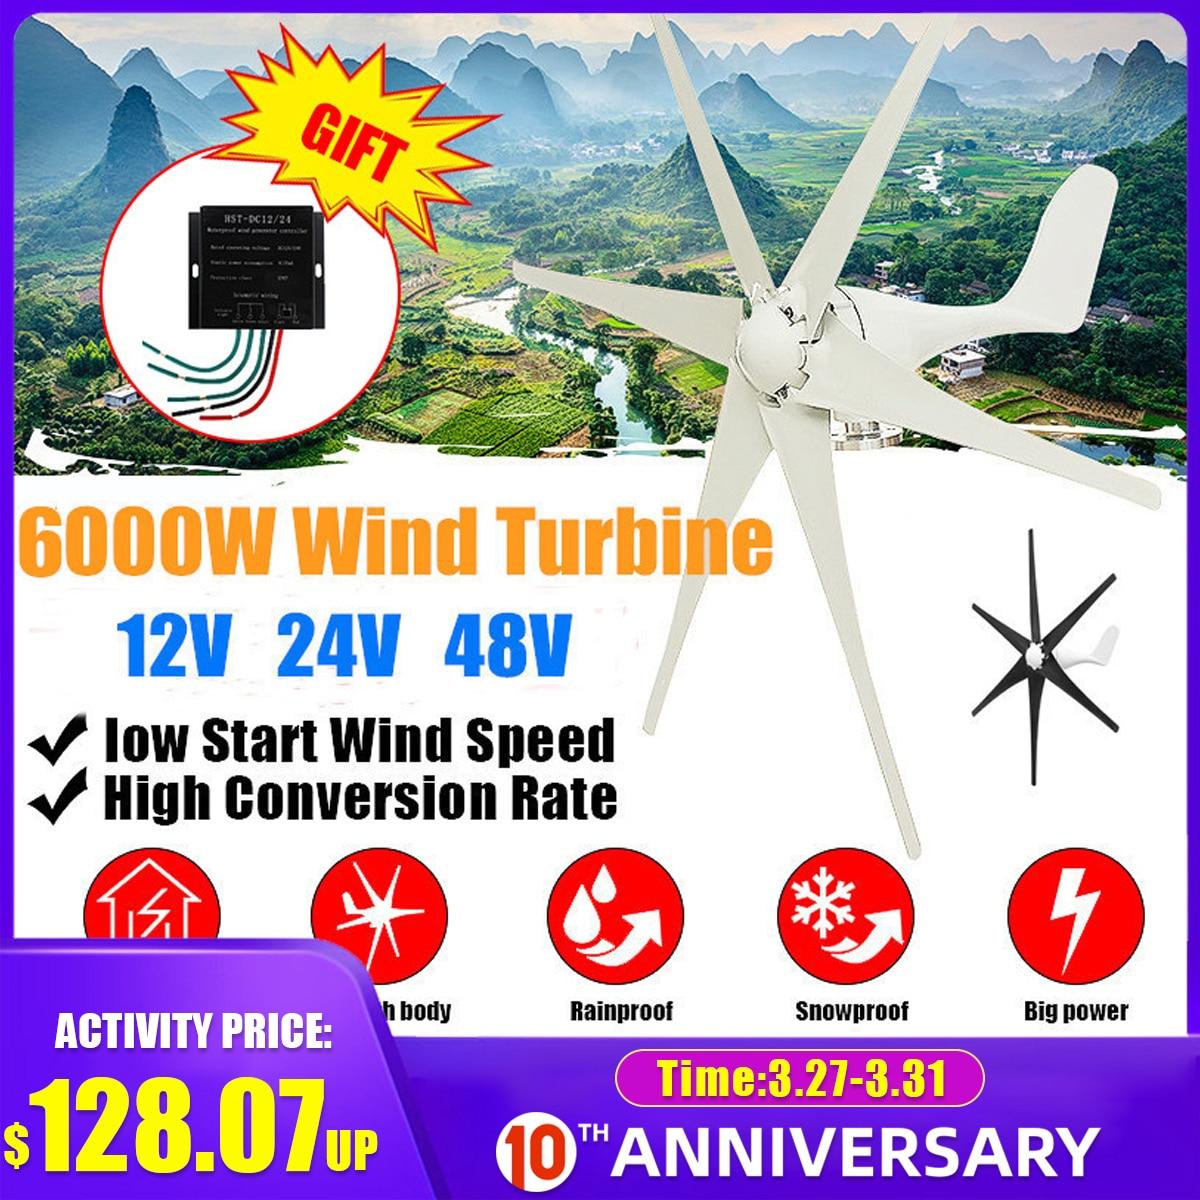 Generador de turbinas eólicas de 6000W, opción de aerogenerador de 12/24/48V rojo y negro con controlador de carga eólica apto para el hogar o Camping